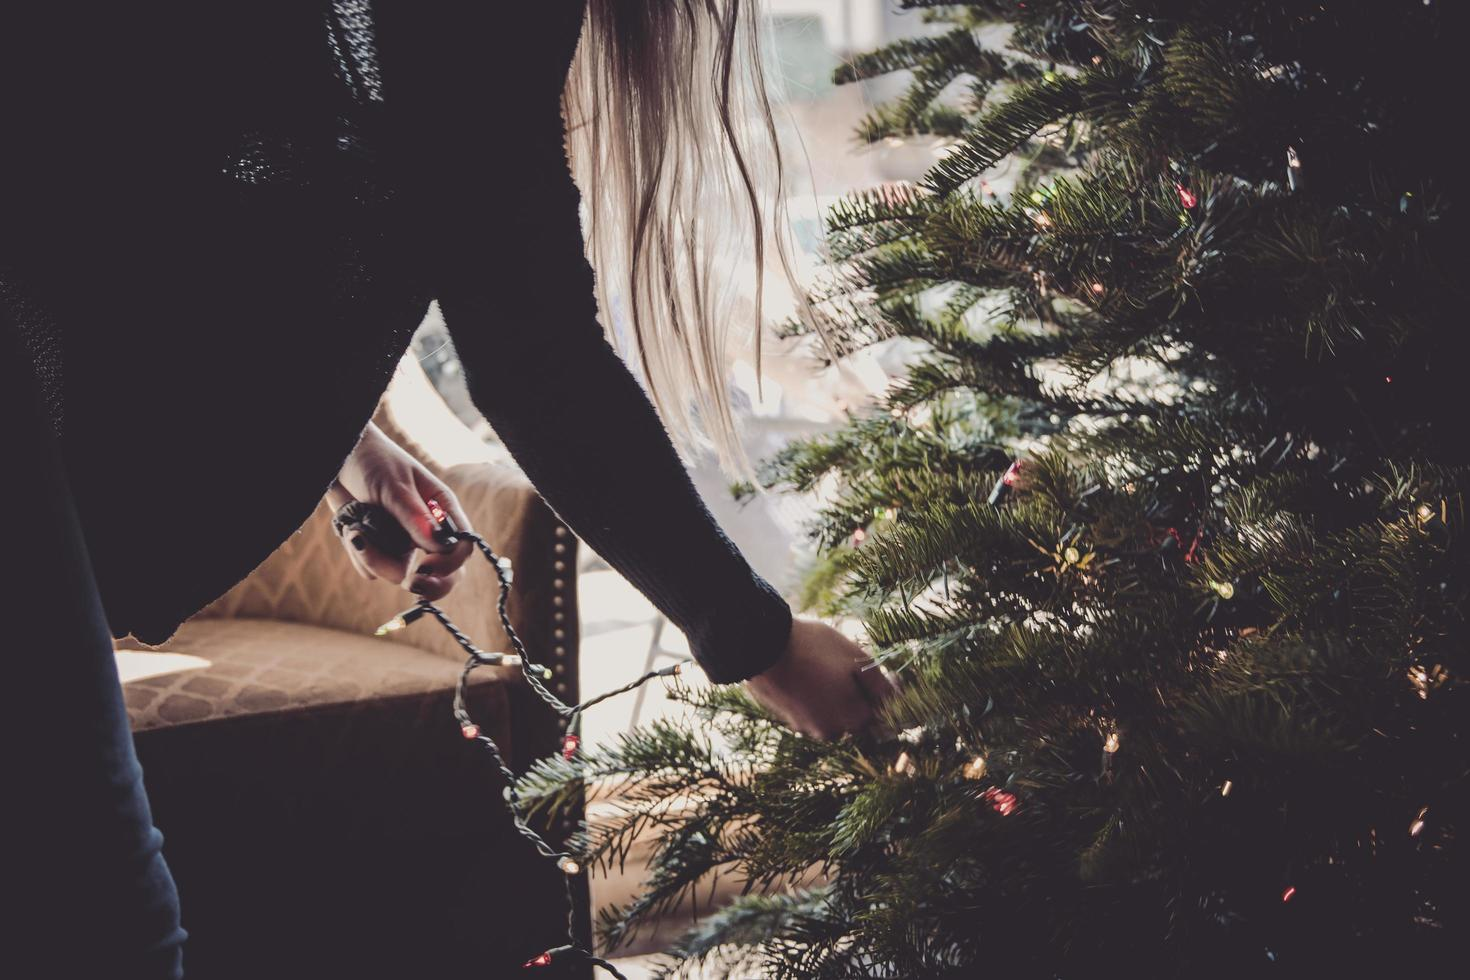 Frau, die Weihnachtsbaum verziert foto